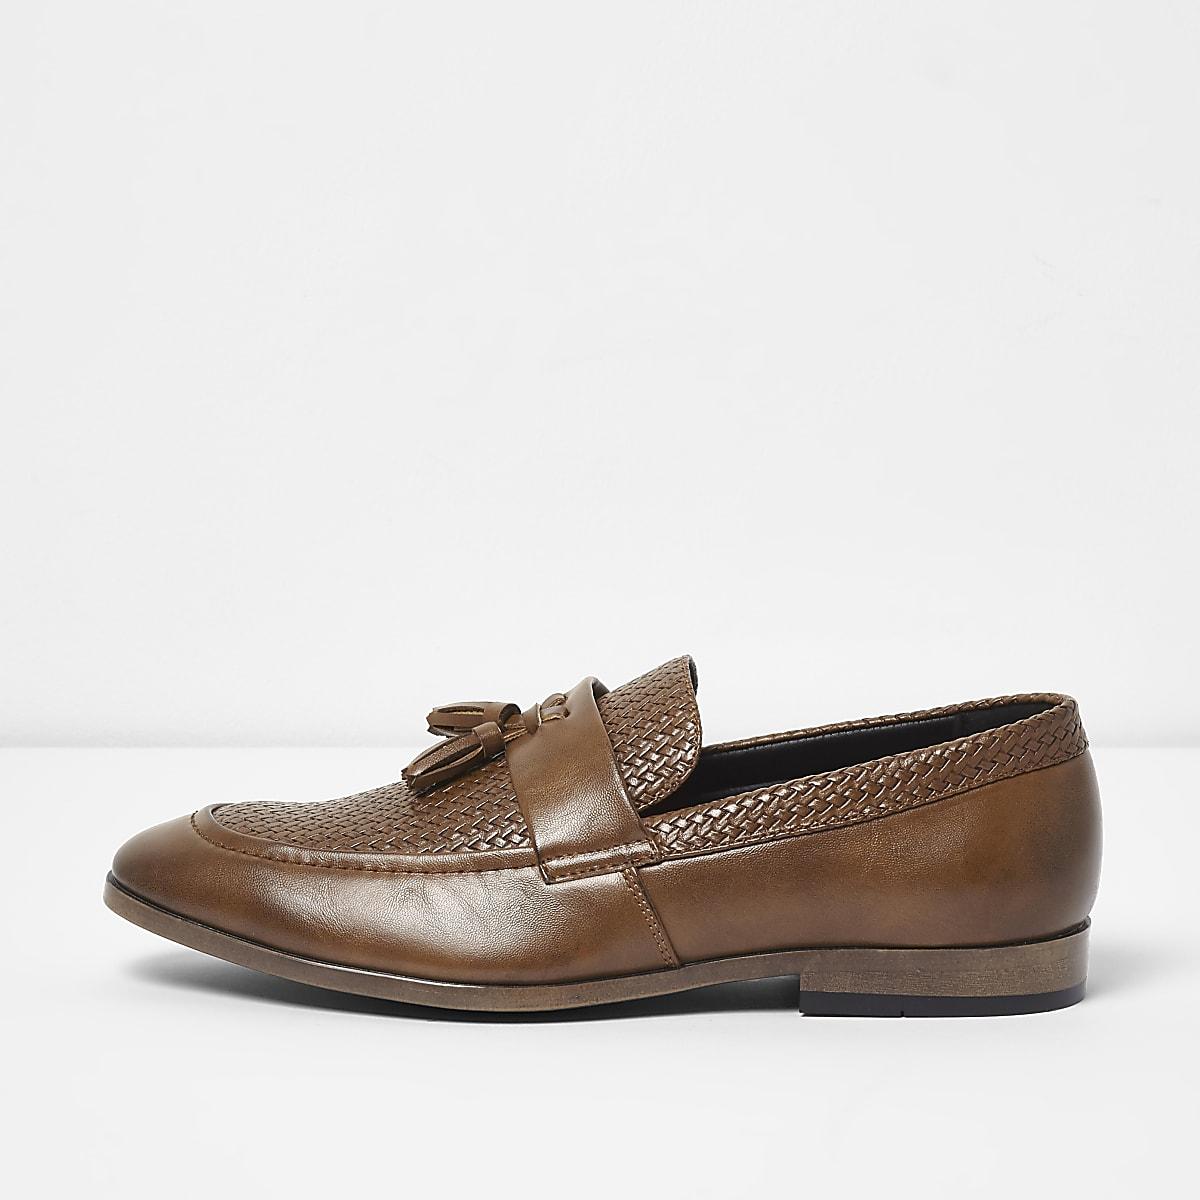 Tan tassel woven loafers